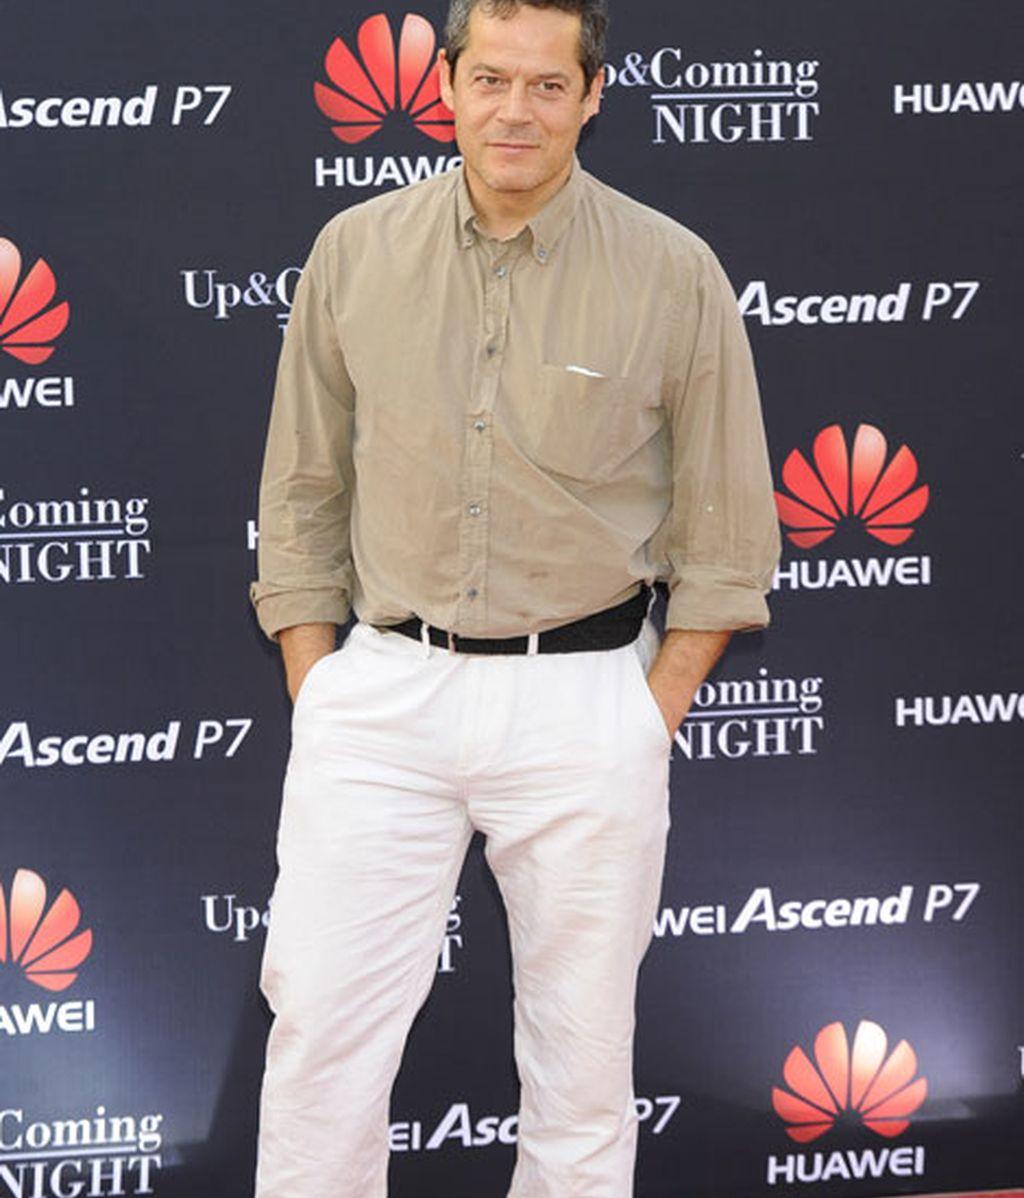 El actor Jorge Sanz fue otro de los asistentes